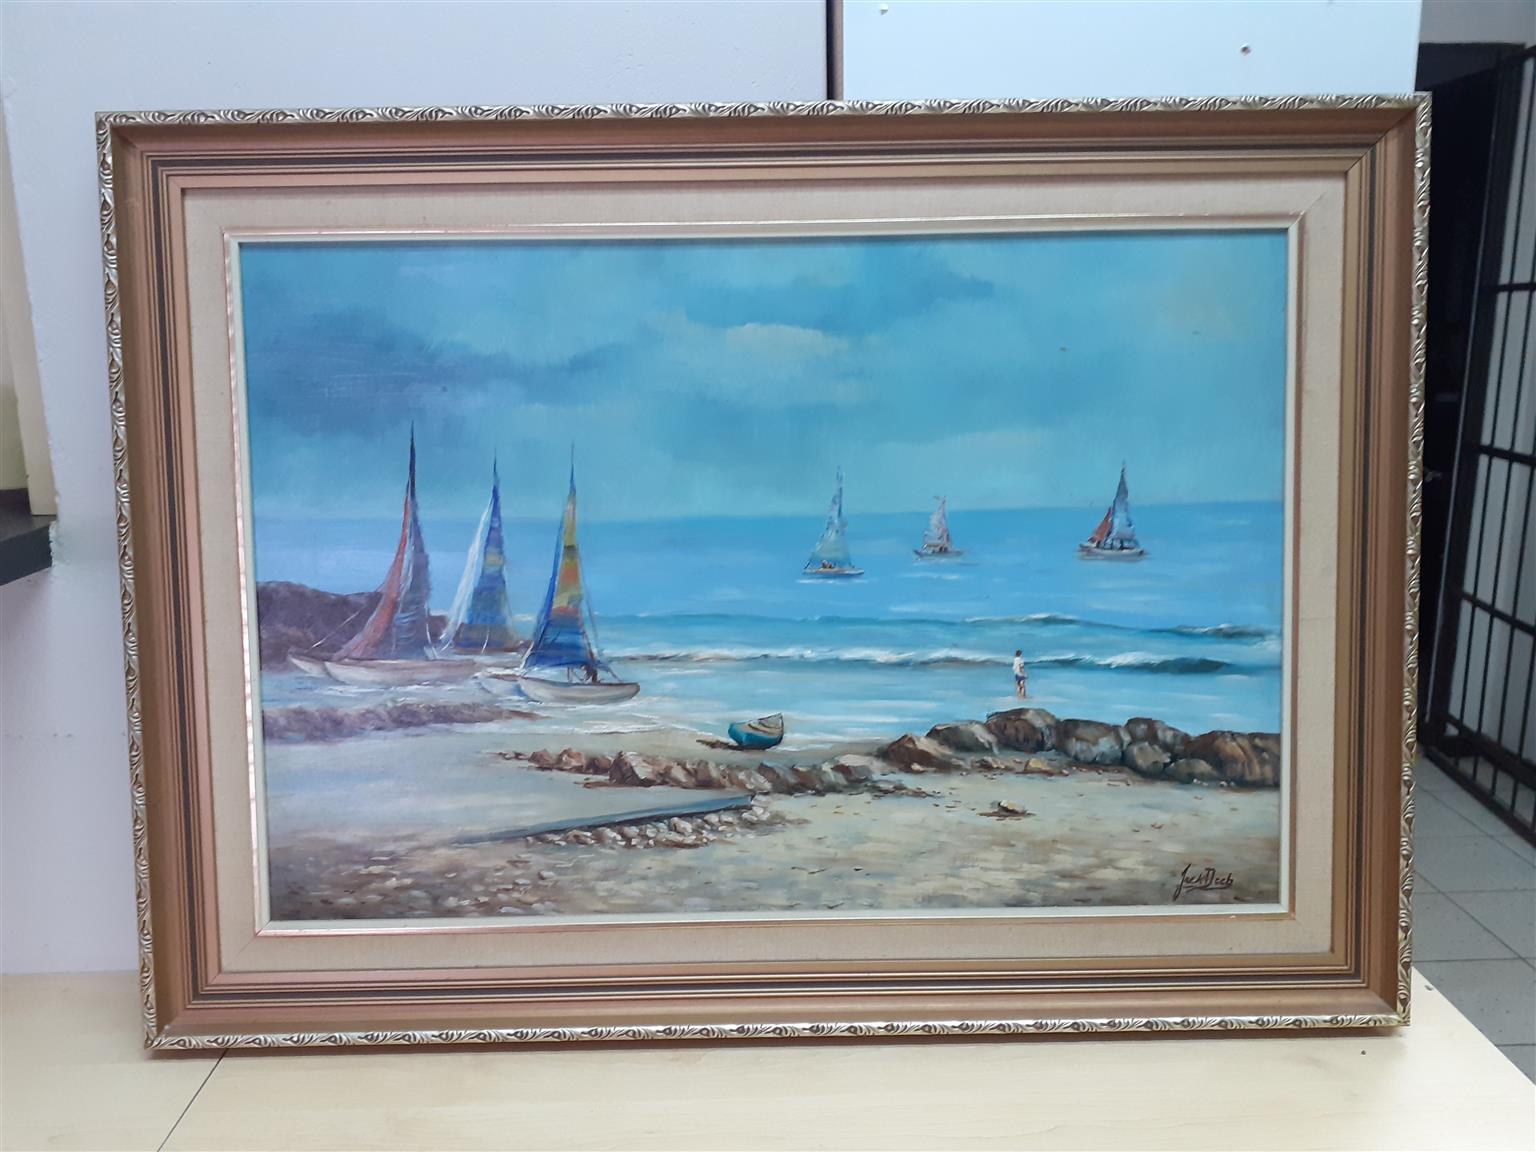 Framed Art work - Seaside